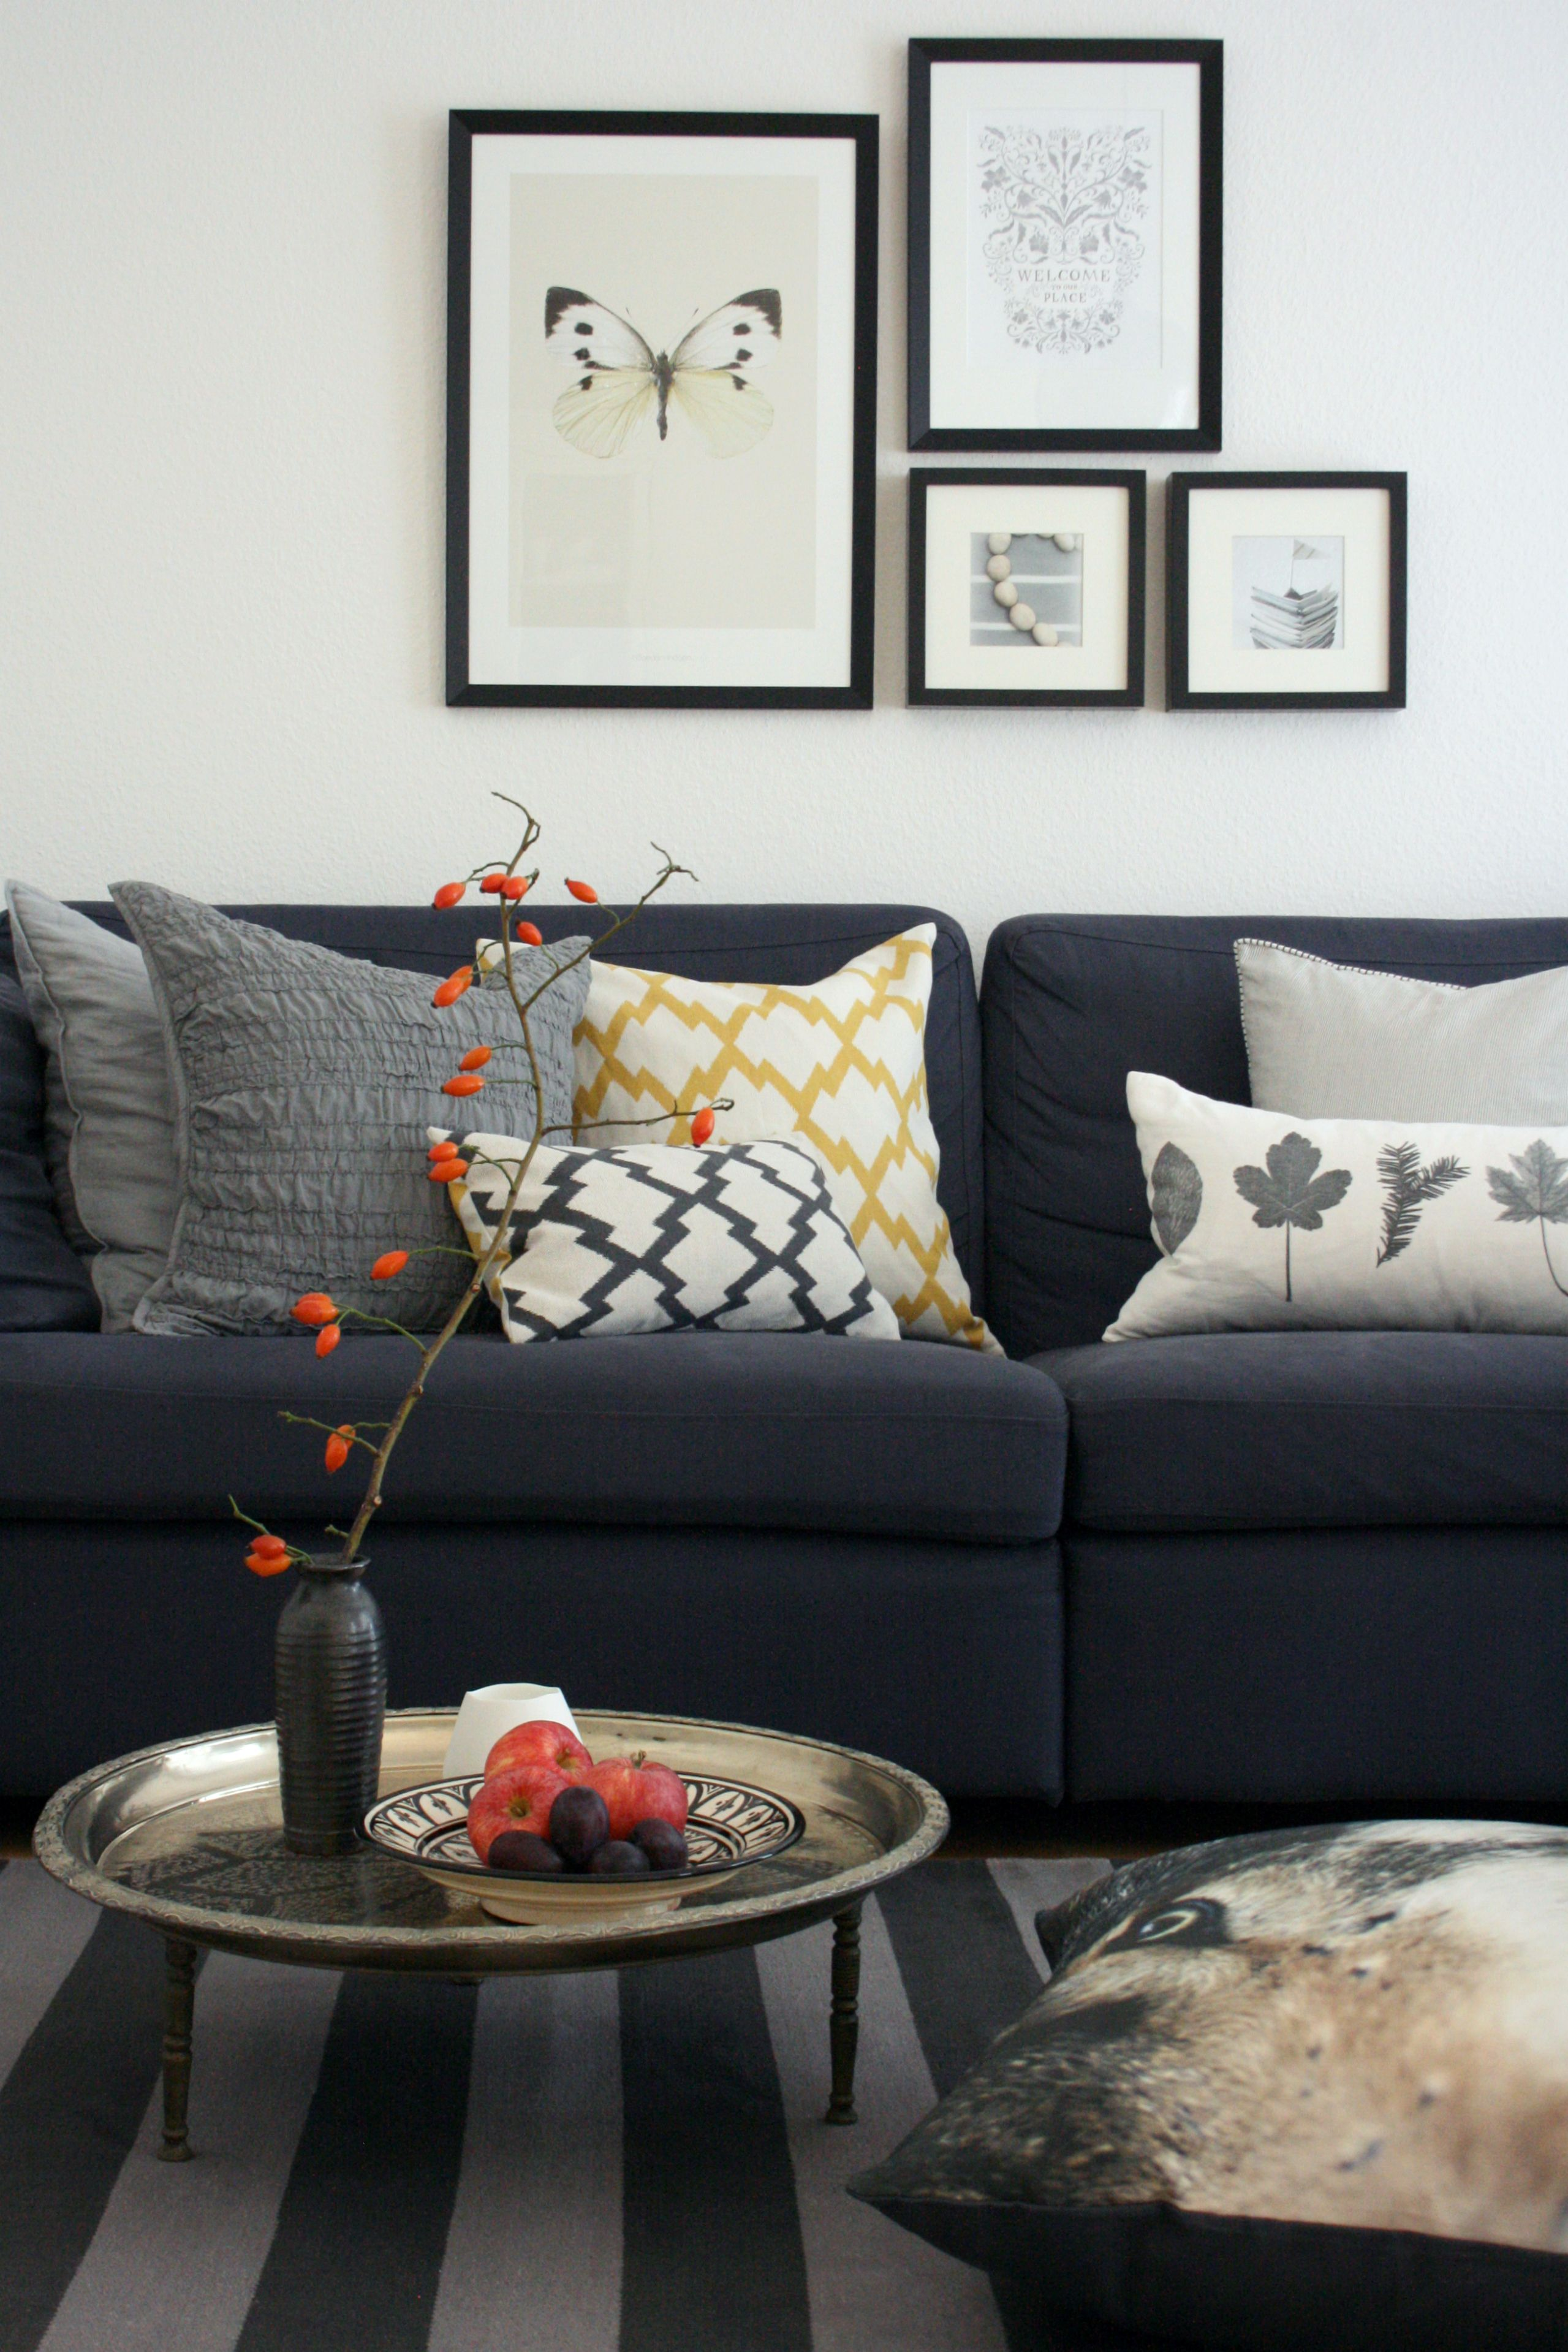 Nachdem das Wohnzimmer bereits durchleuchtet wurde, was die Möbel betrifft, geht es nun ins Detail: Textilien und Accessoires sind die Kleinigkeiten, die auch das Wohnzimmer i